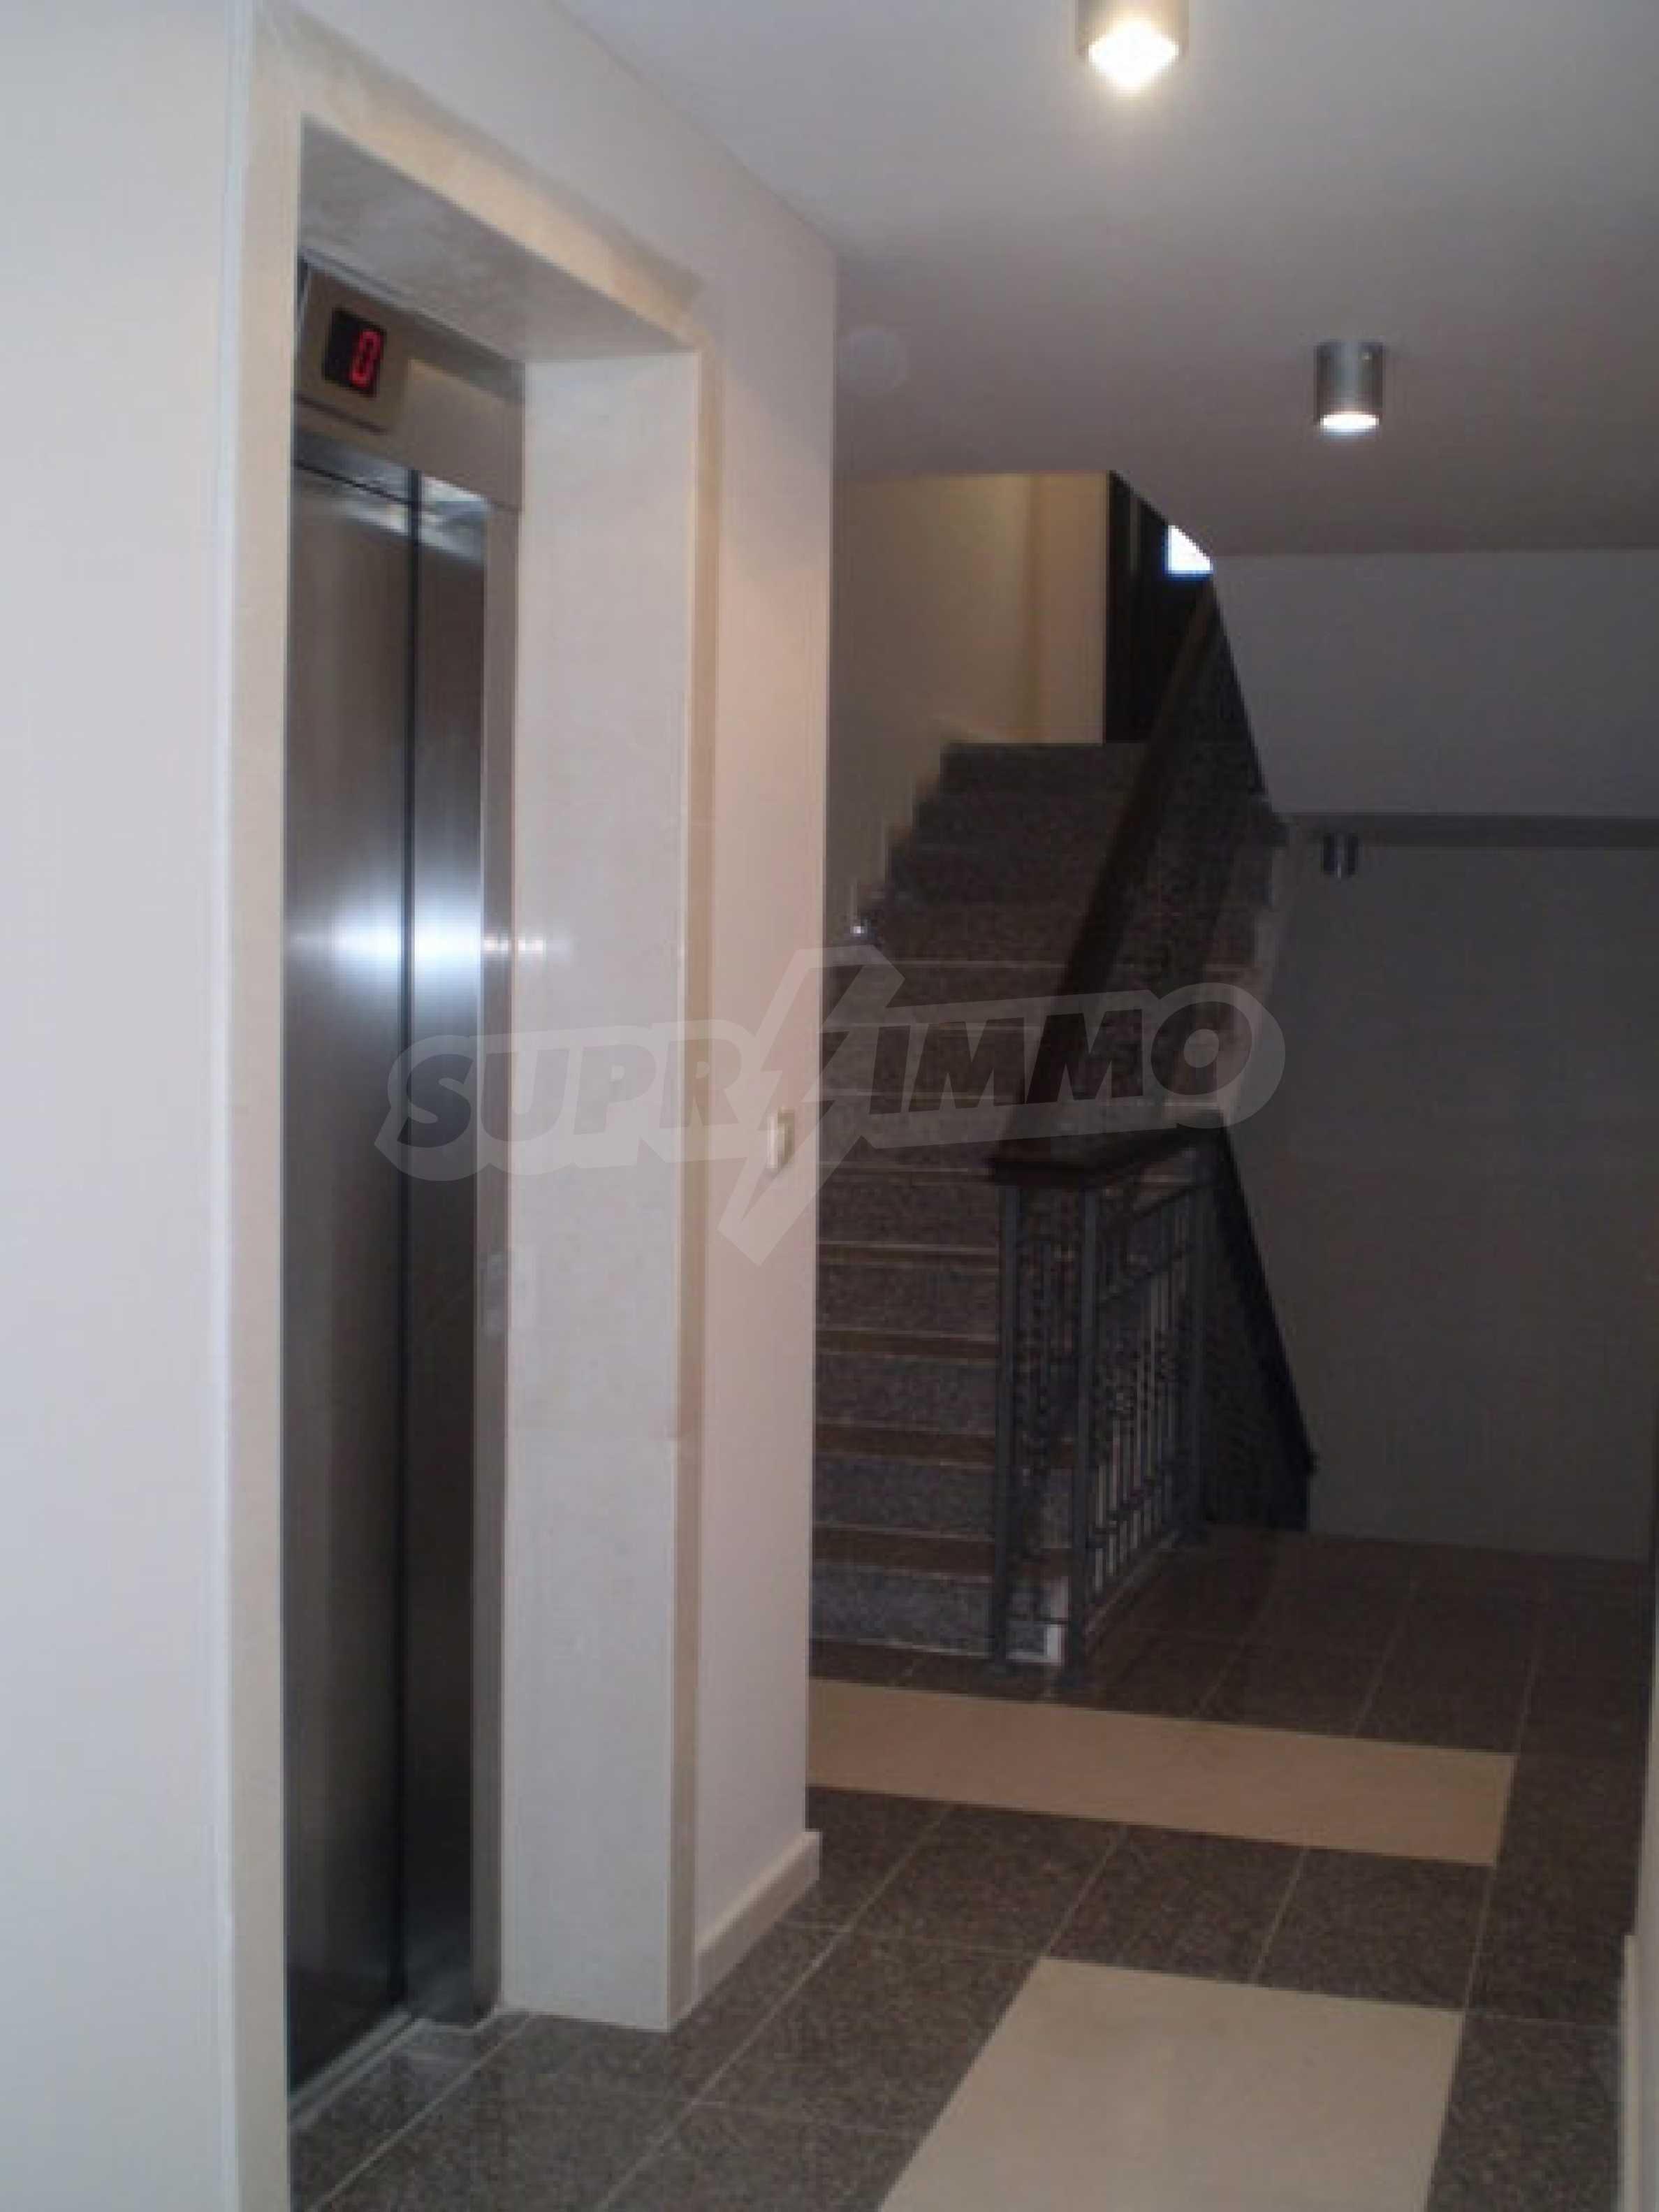 One-bedroom in Tracian Cliffs Resort, Kavarna 7